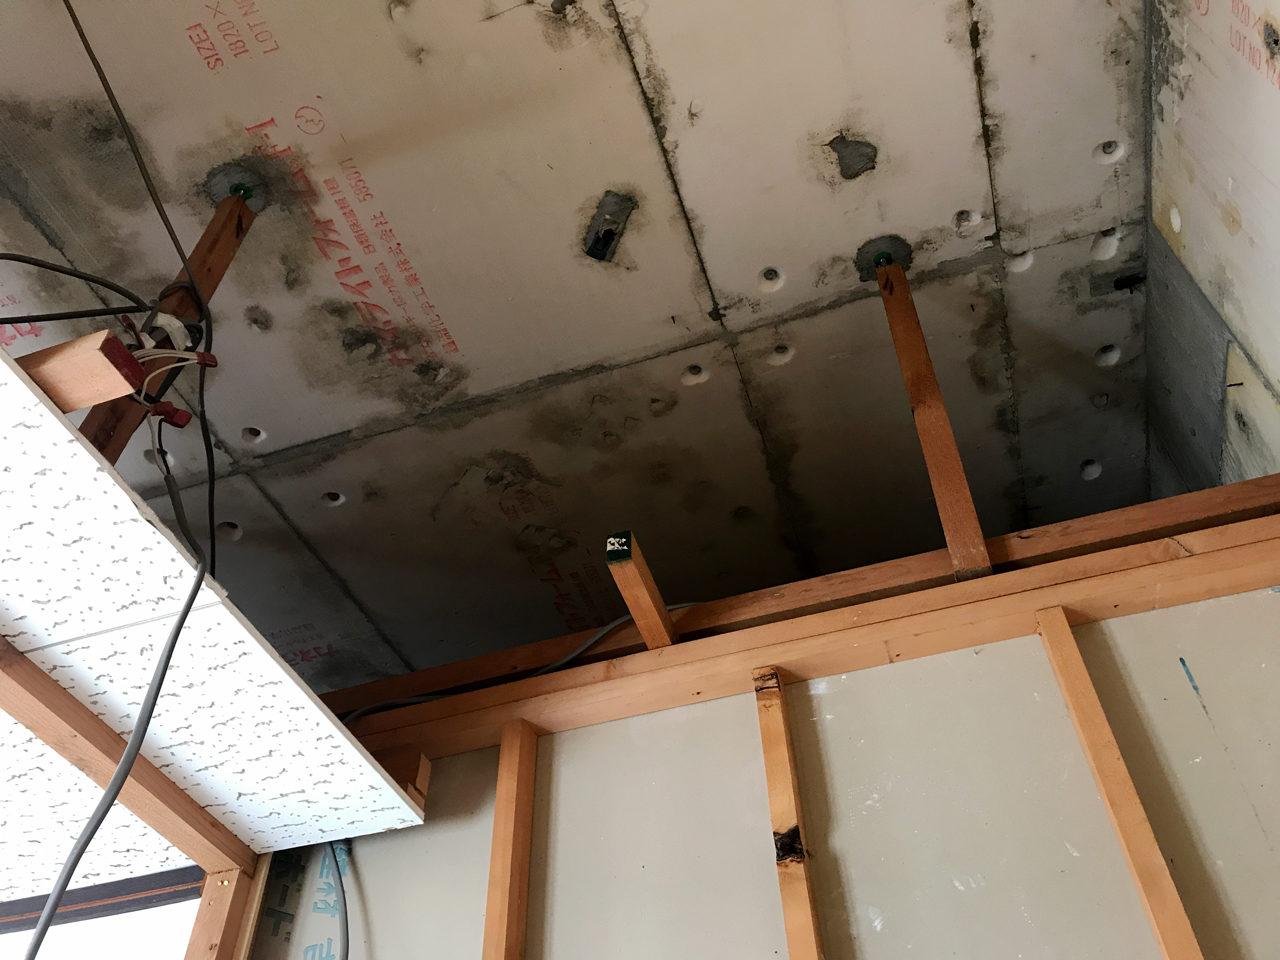 愛知県一宮市で設計デザインした空き家を賃貸住宅へリノベーション設計・デザインをした物件の解体工事